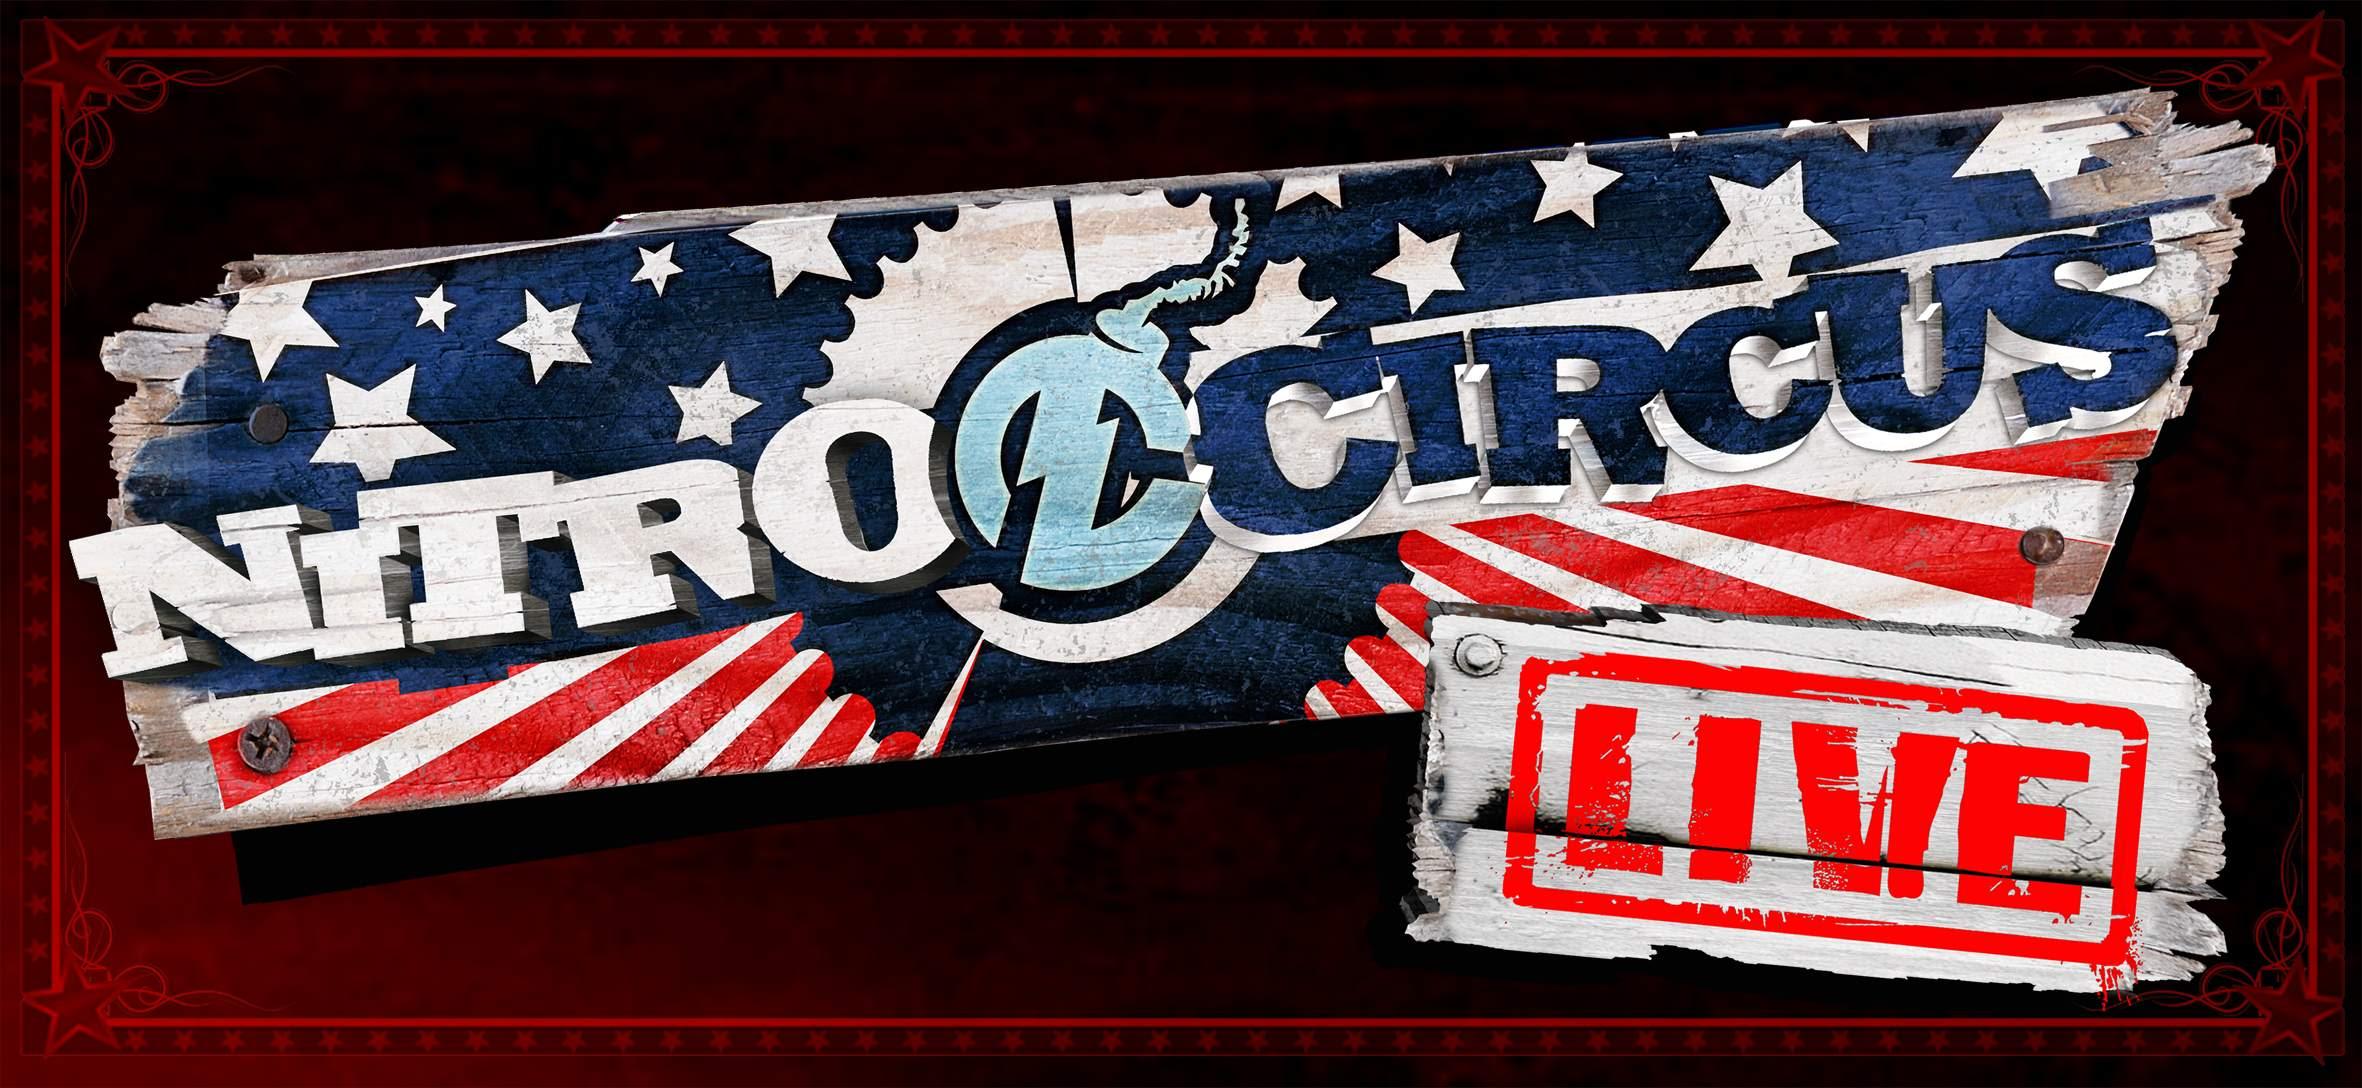 nitro-circus-live-logo[1]